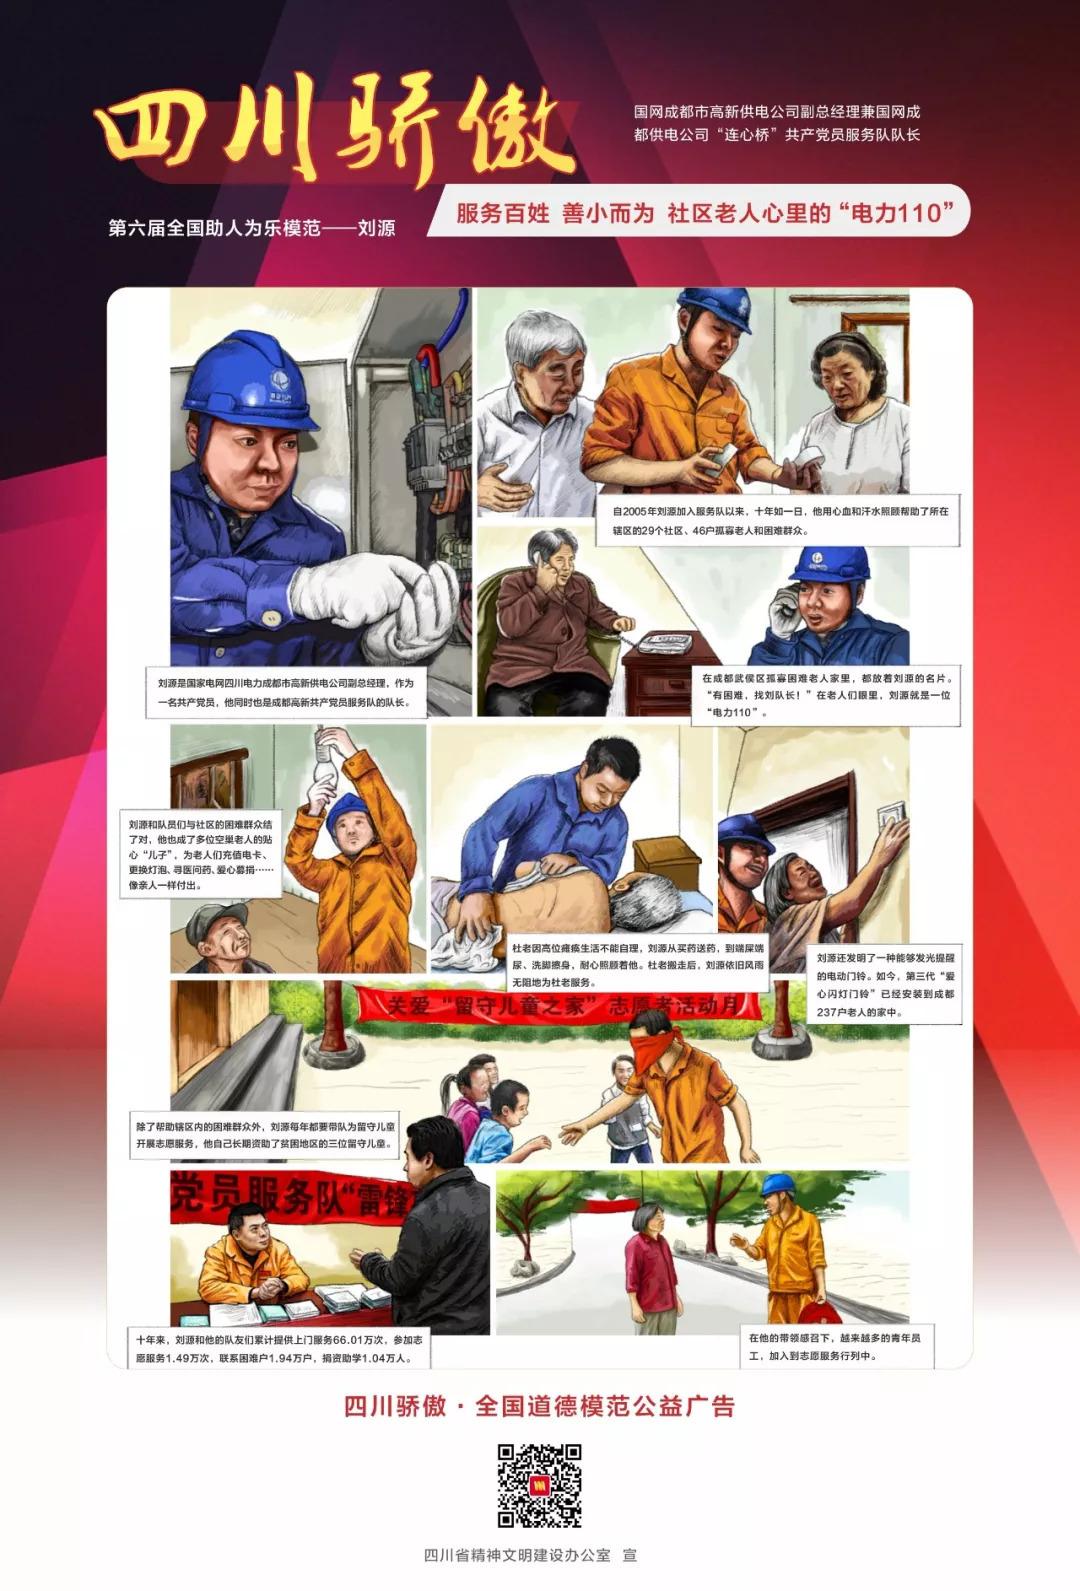 四川骄傲!第六届全国道德模范宣传漫画